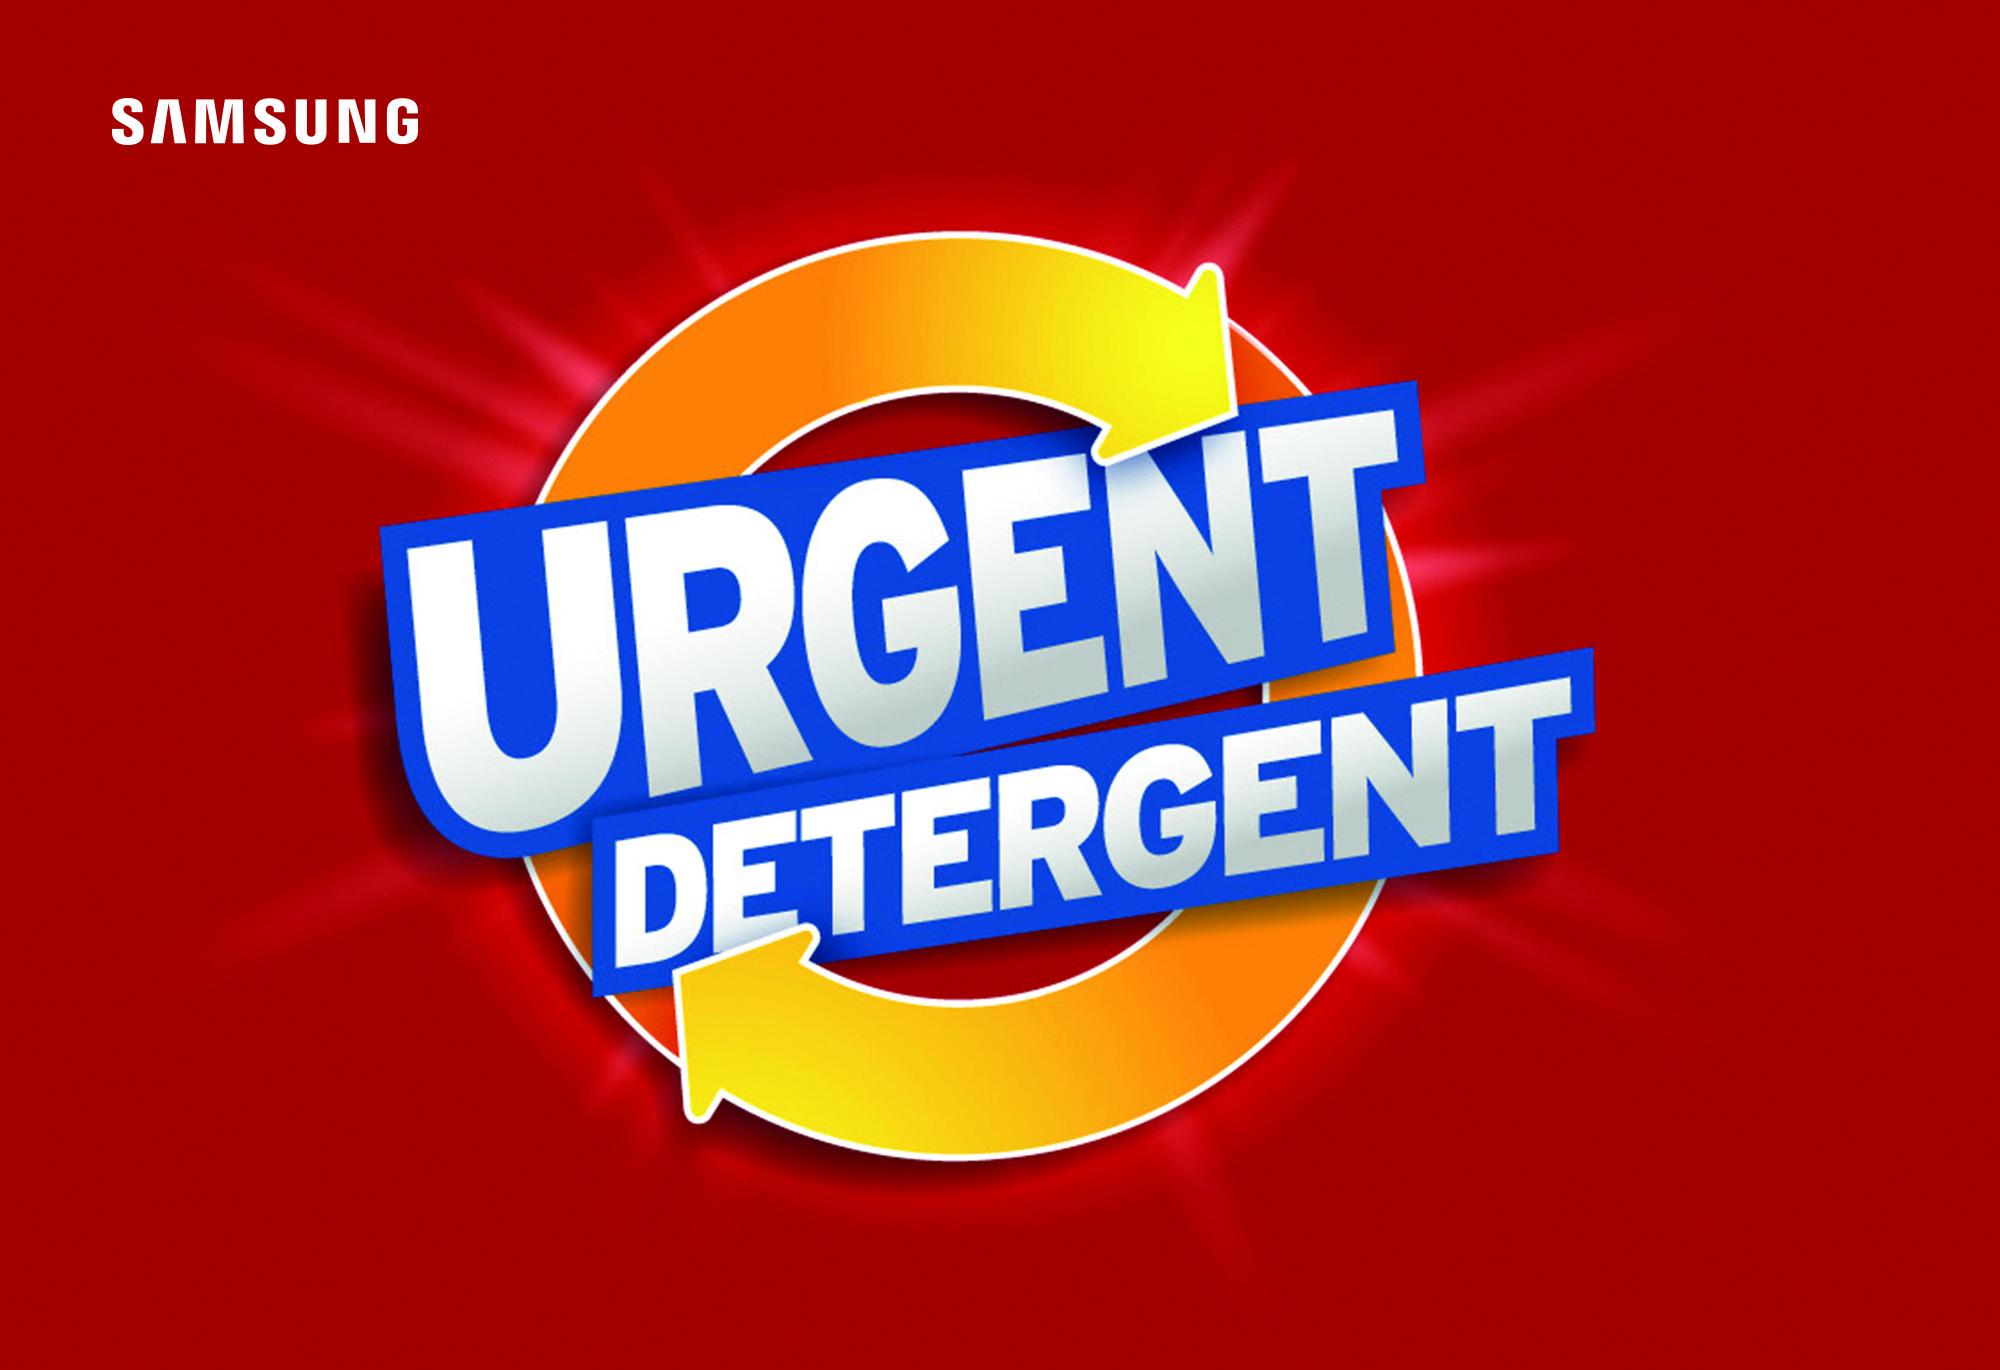 Samsung Urgent Detergent logo